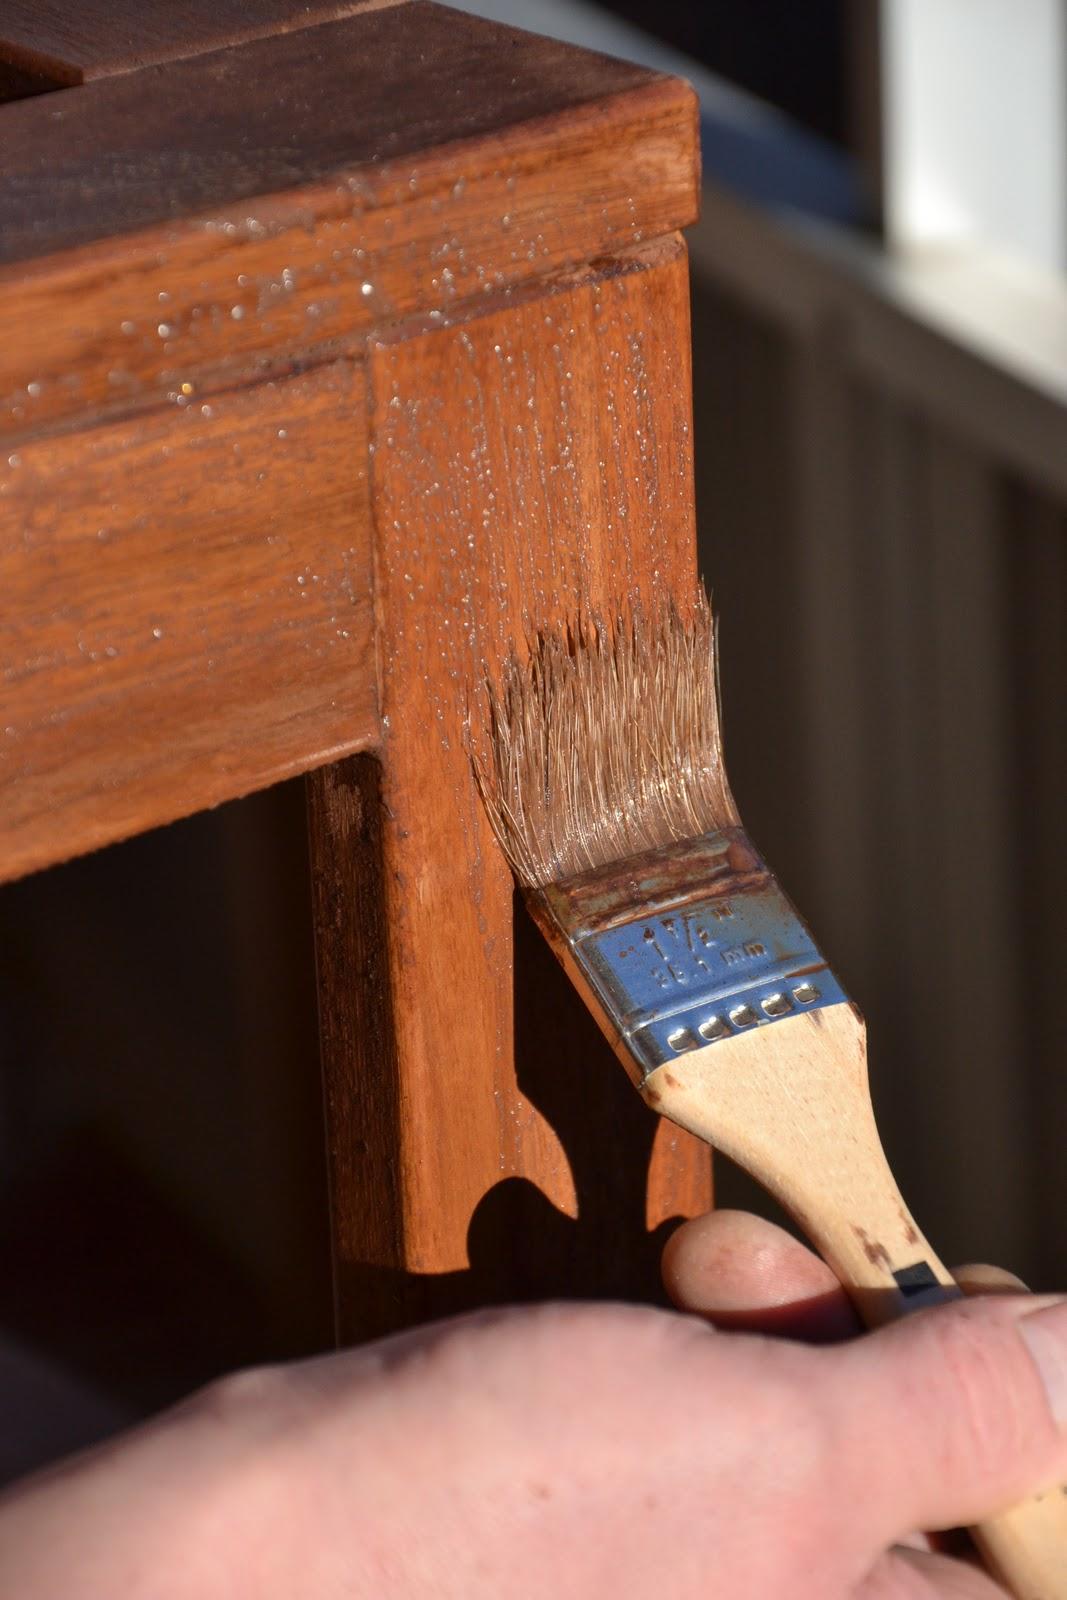 Inredning trall till balkong : Popetotrora: Trall och olja